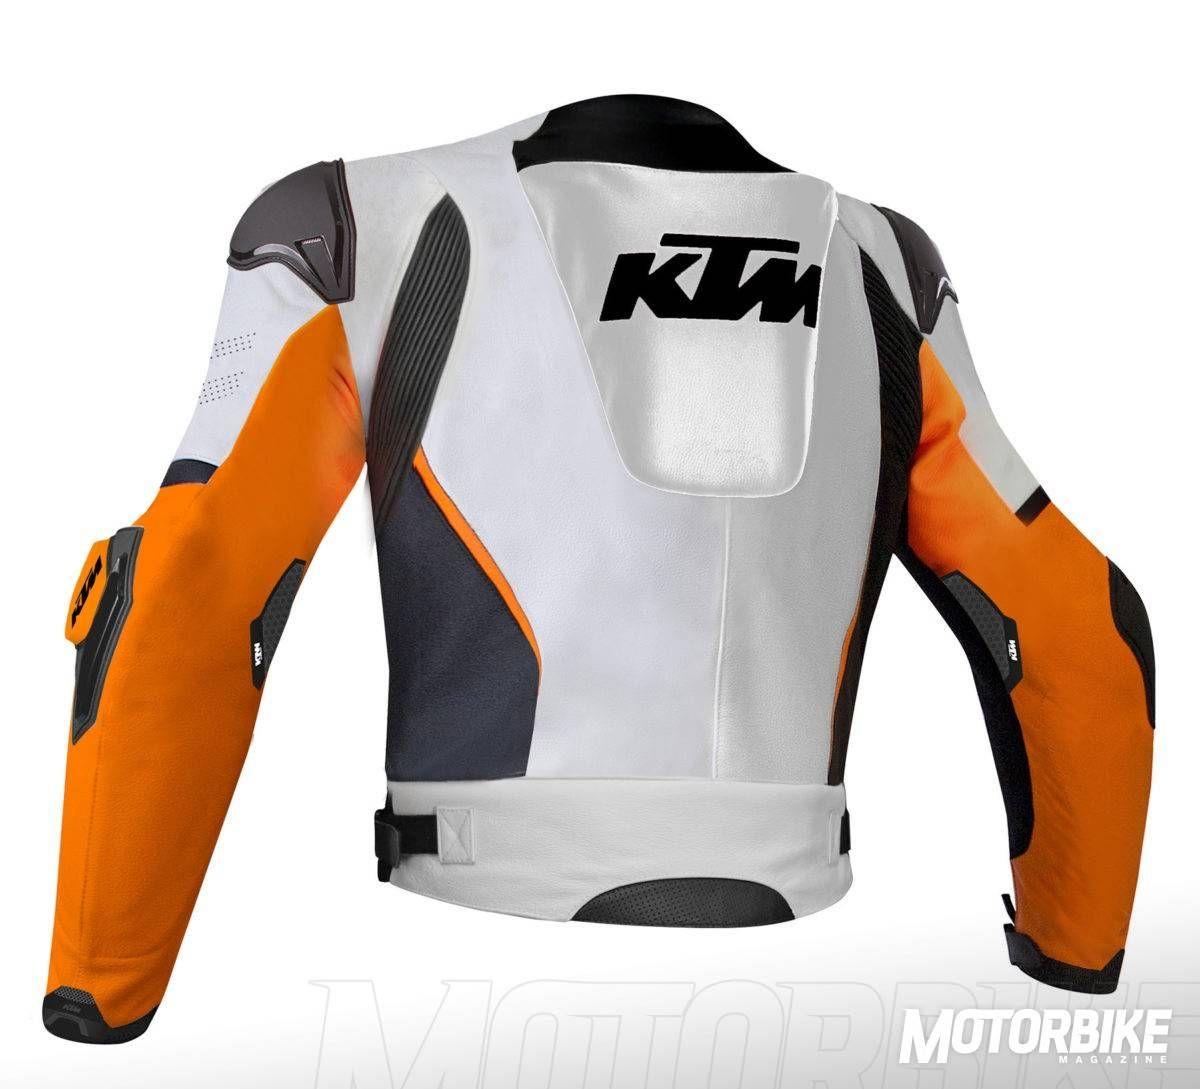 Motorrad Jacke Leder Motorradjacke Lederjacke KTM-orange Motorradlederjacke